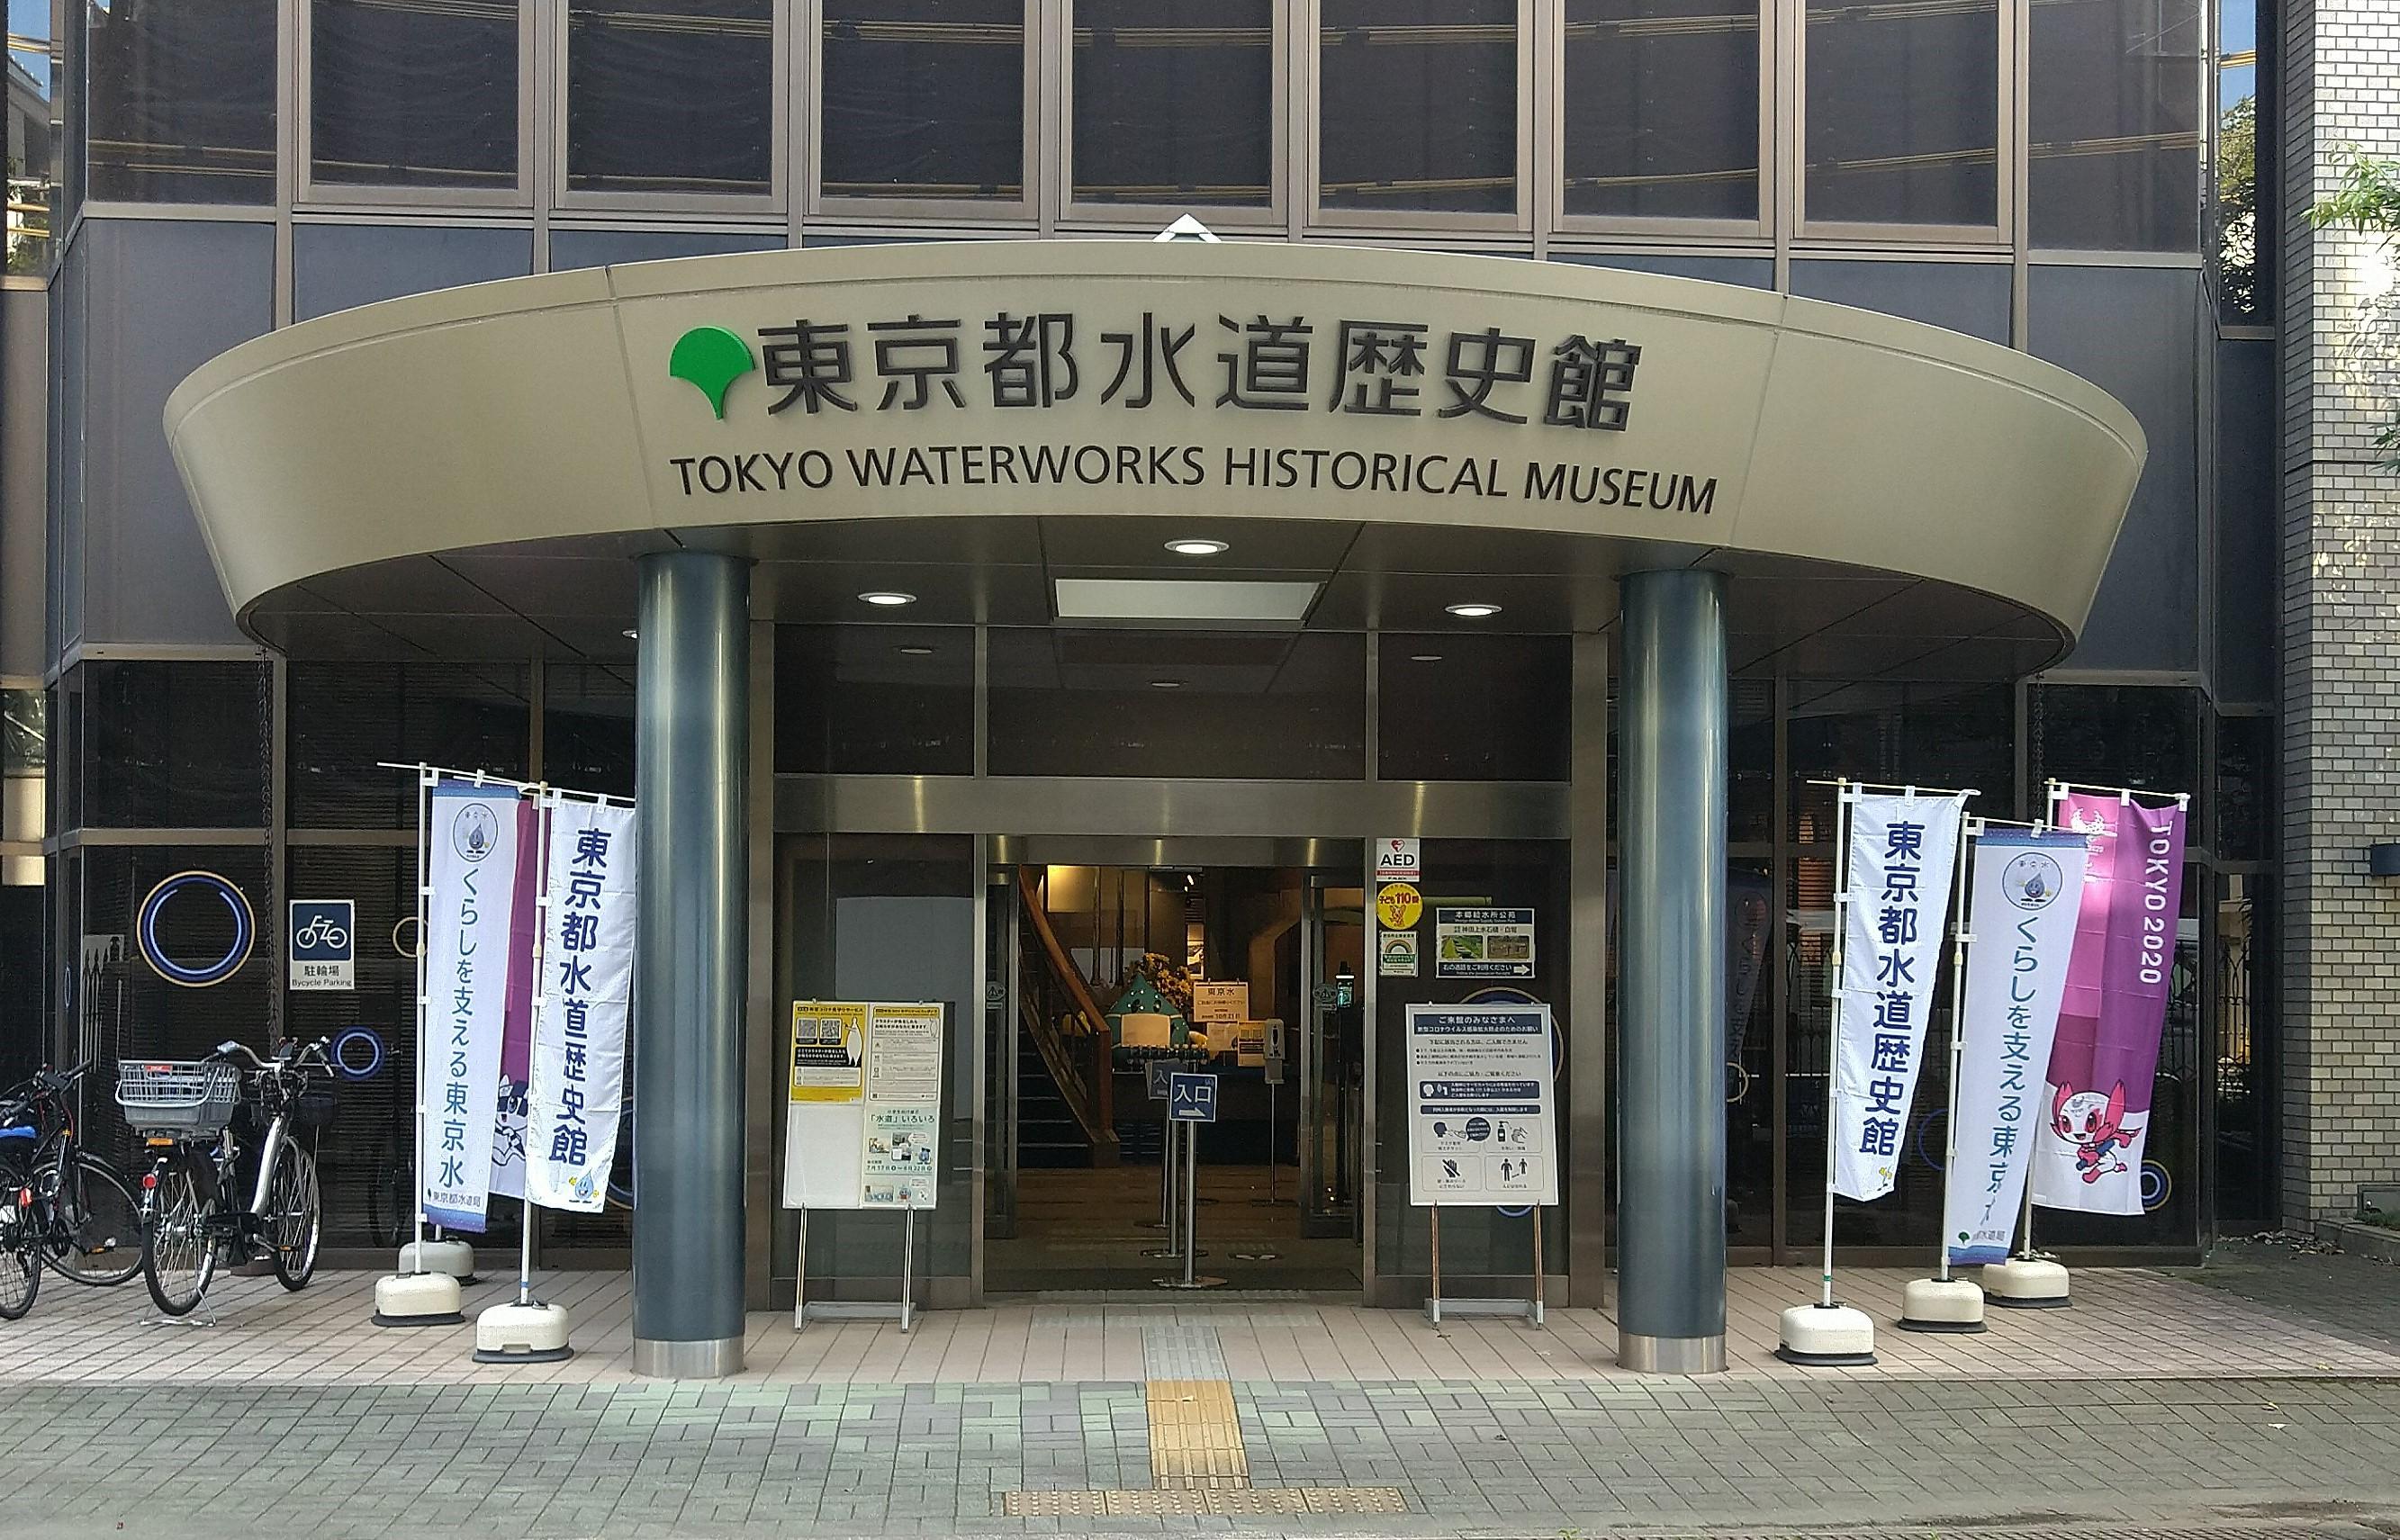 東京水400年の歴史を学ぶ@東京都水道歴史館 イメージ